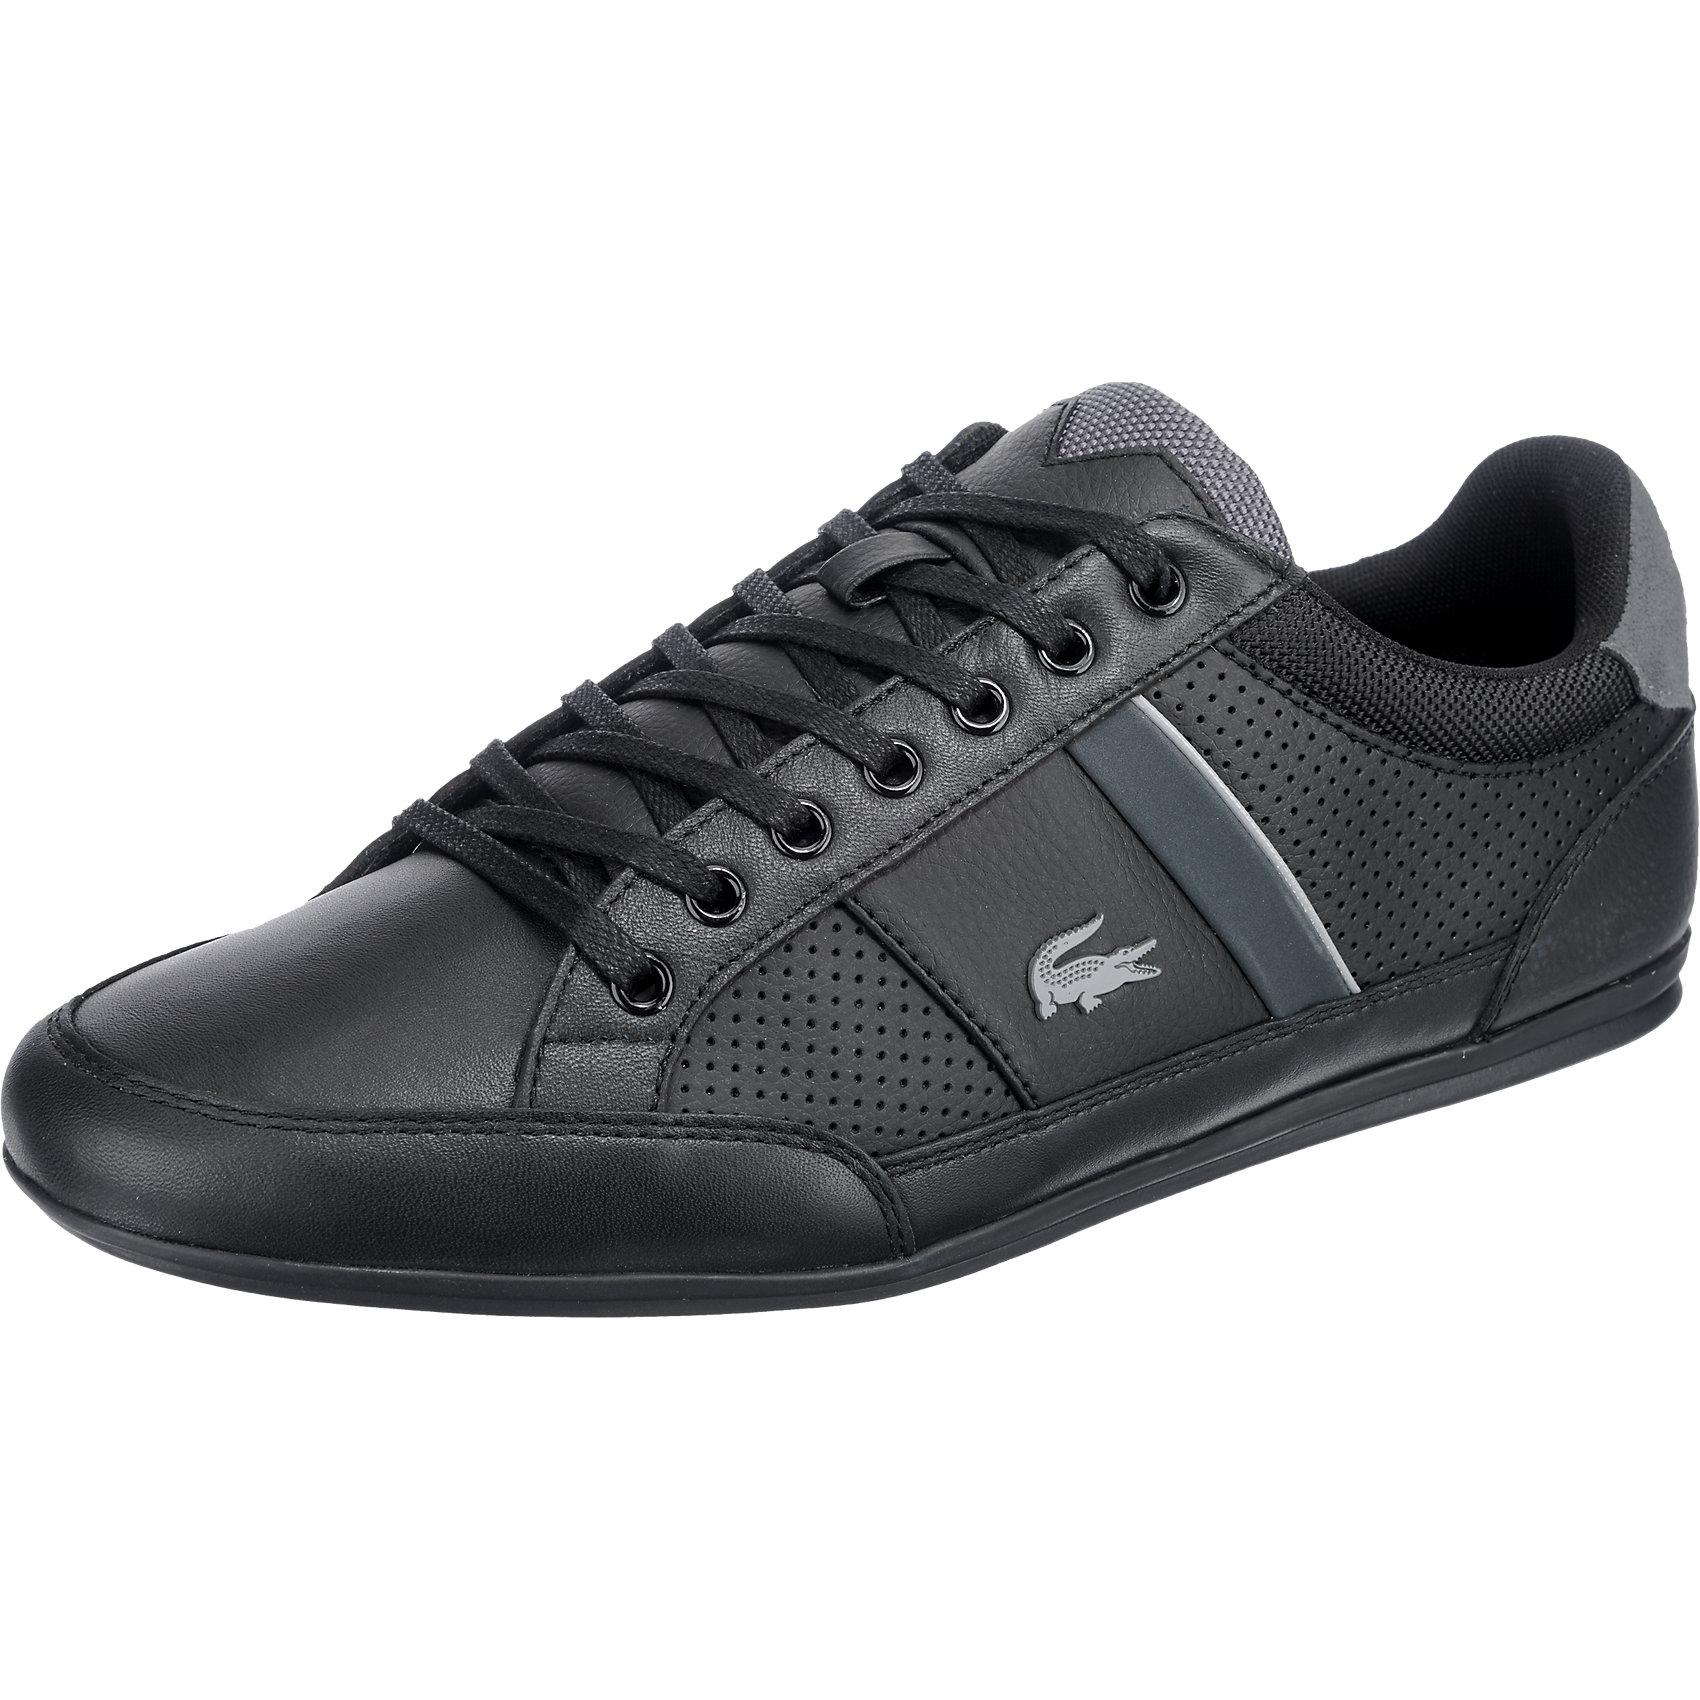 Neu LACOSTE Sneakers Chaymon G117 1 Spm Sneakers LACOSTE schwarz 5768900 68f78d